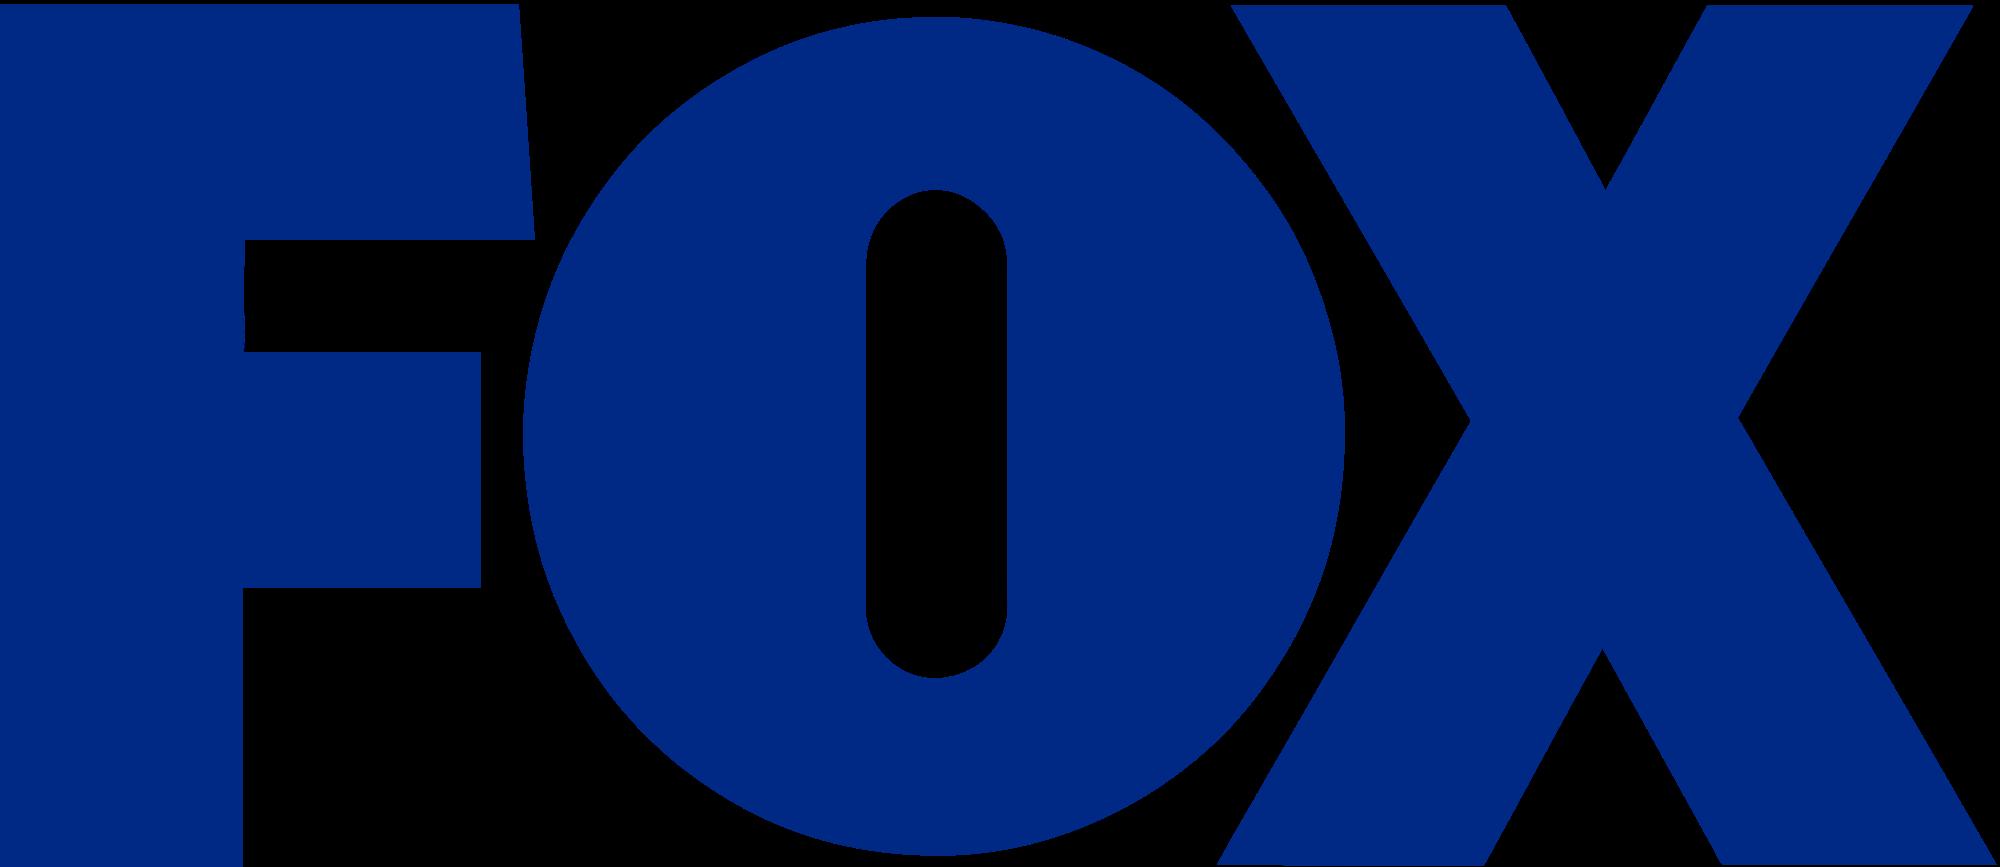 FOX_wordmark.svg.png